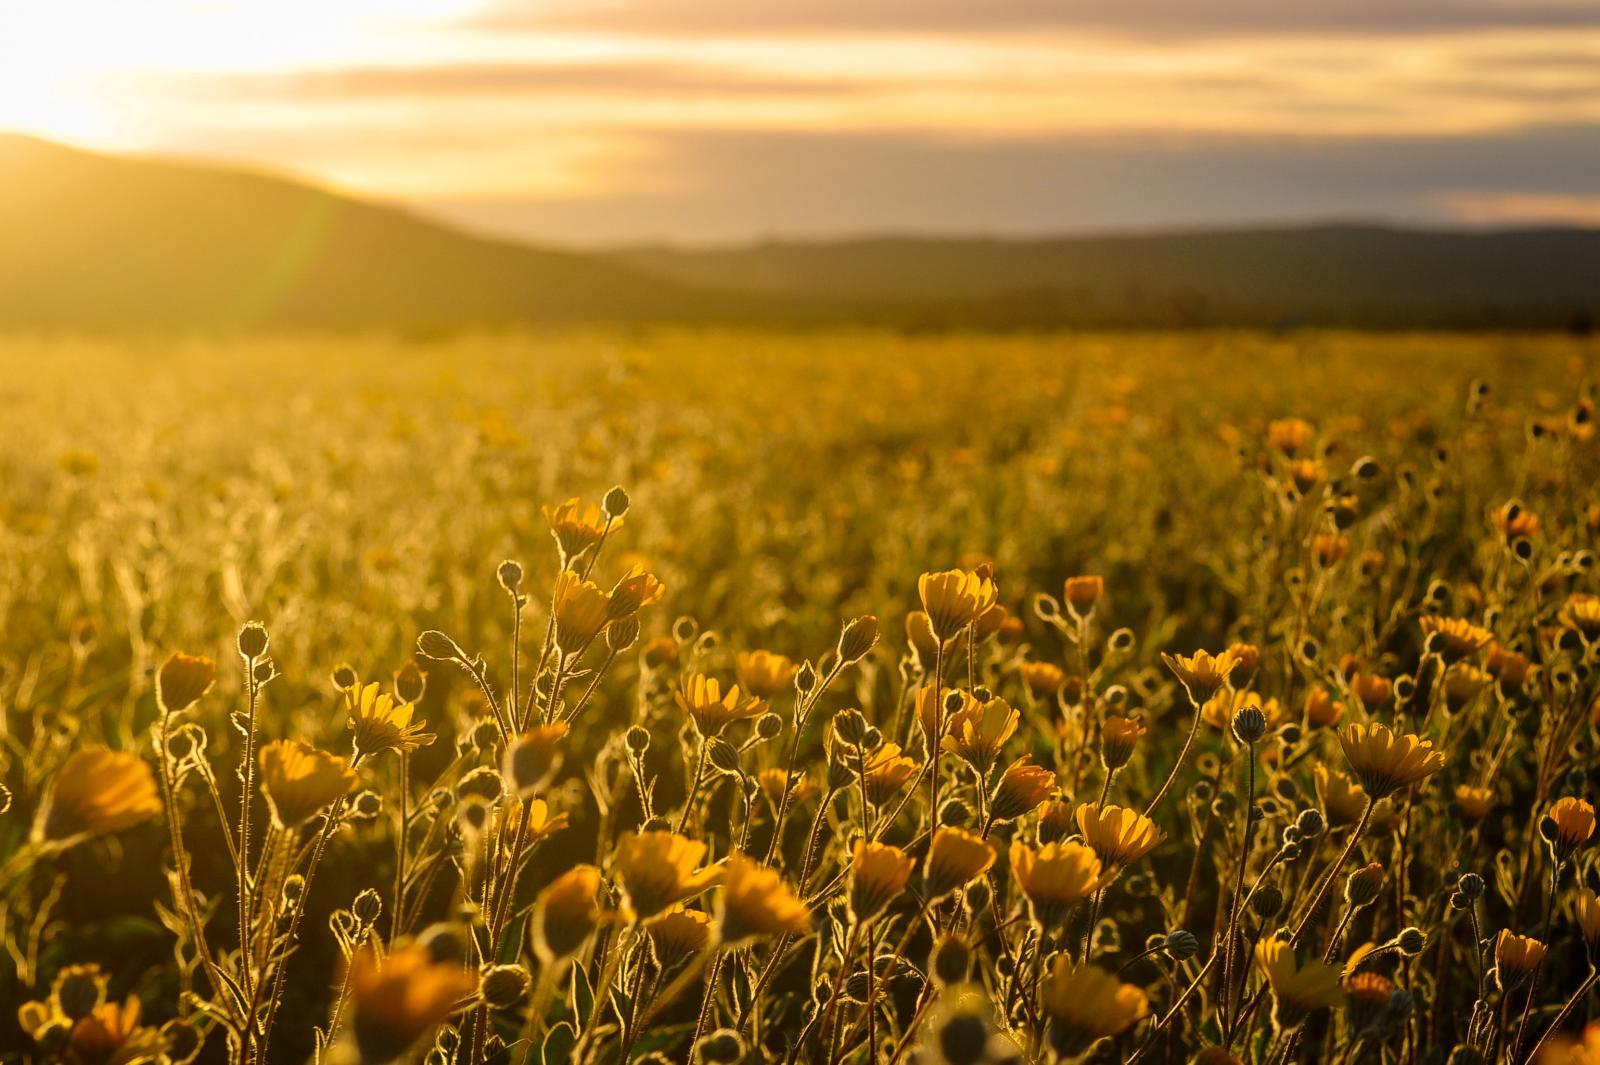 Field of flowers. Photo credit: Pexels